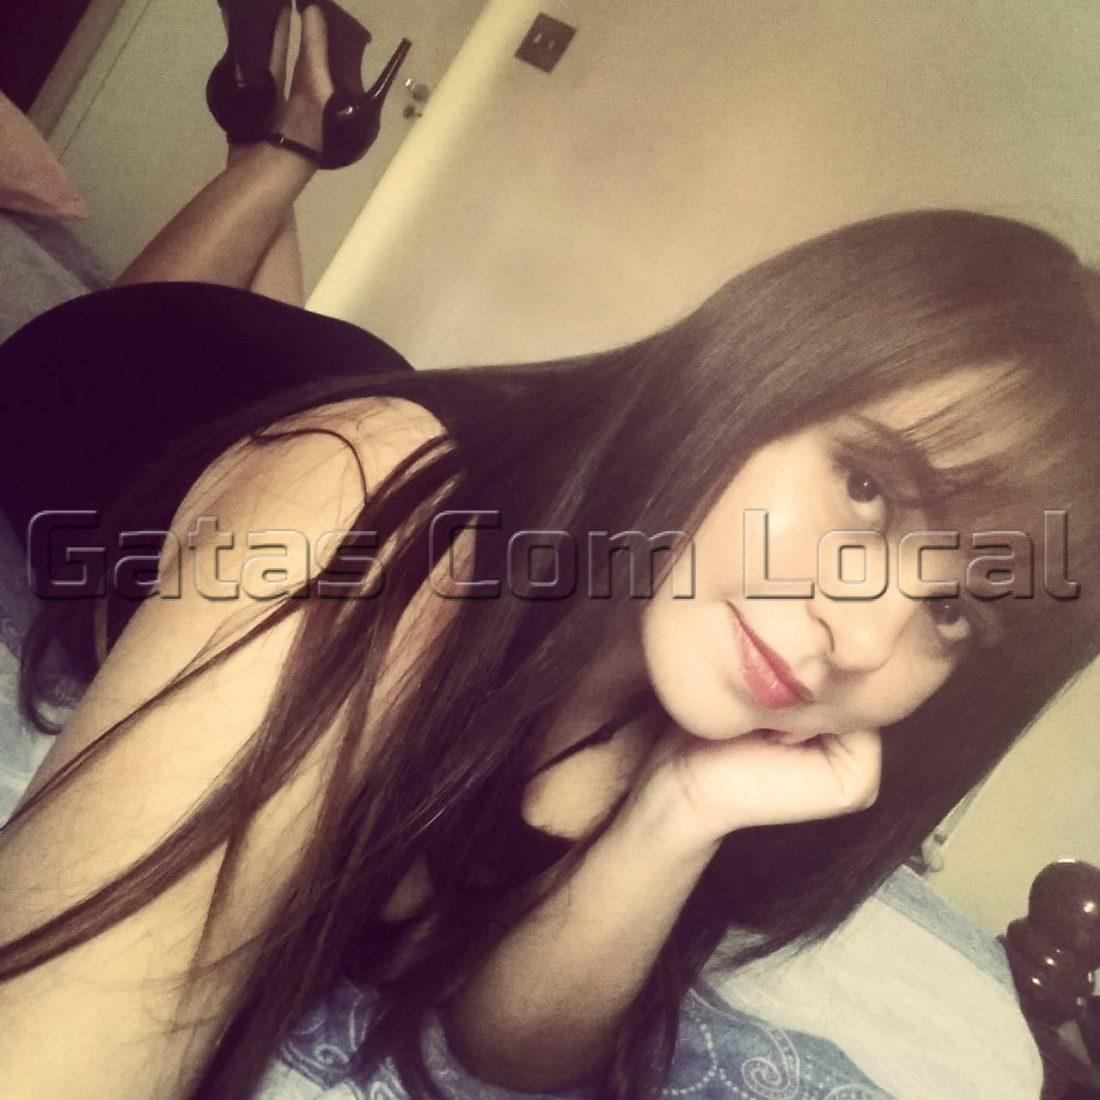 Milla Gomes